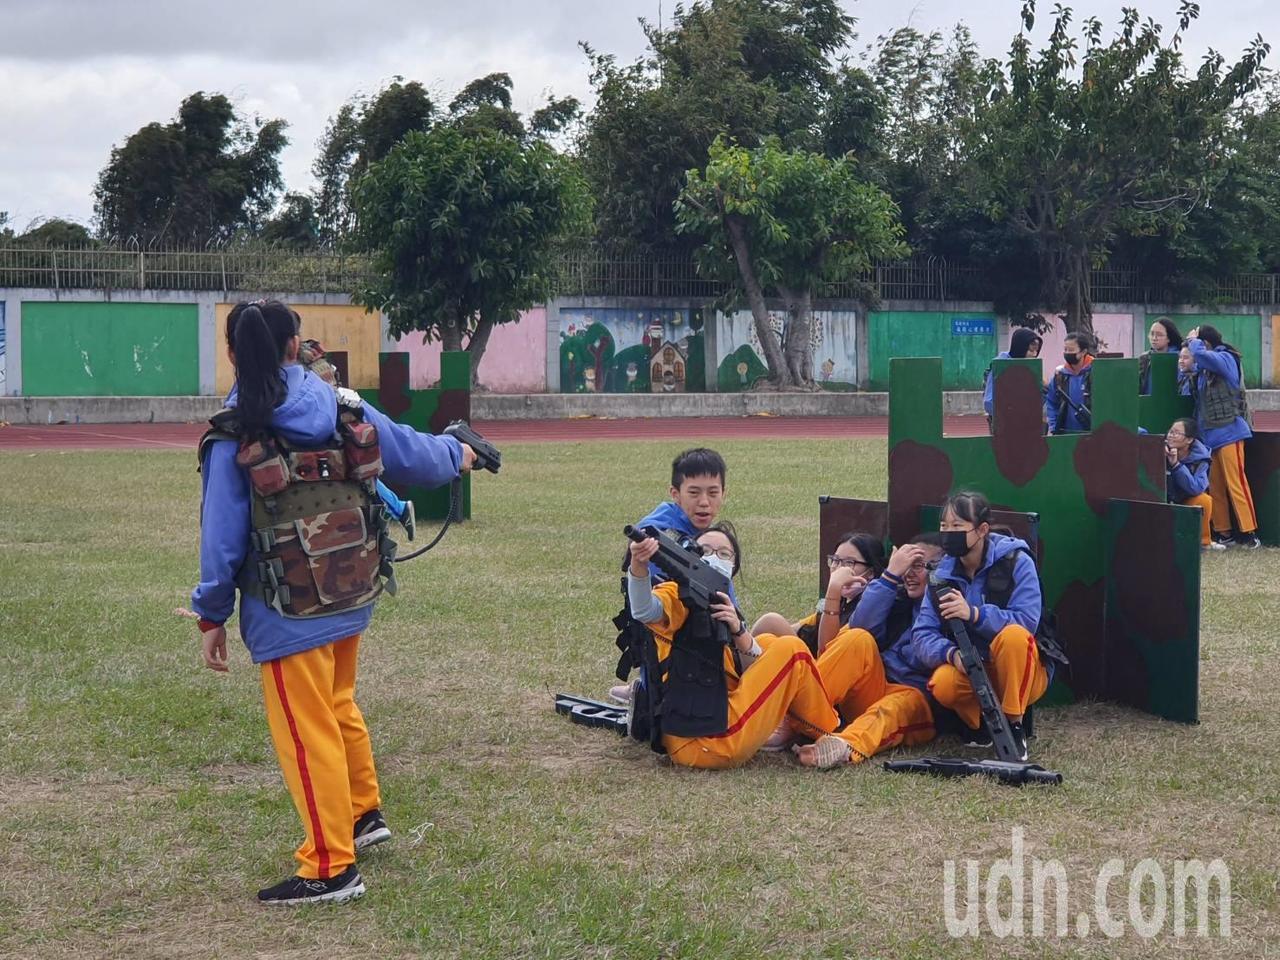 校園中出現「雷射槍戰」課程,學生們穿著迷彩背心、配置雷射槍枝,在操場上激烈對戰,...